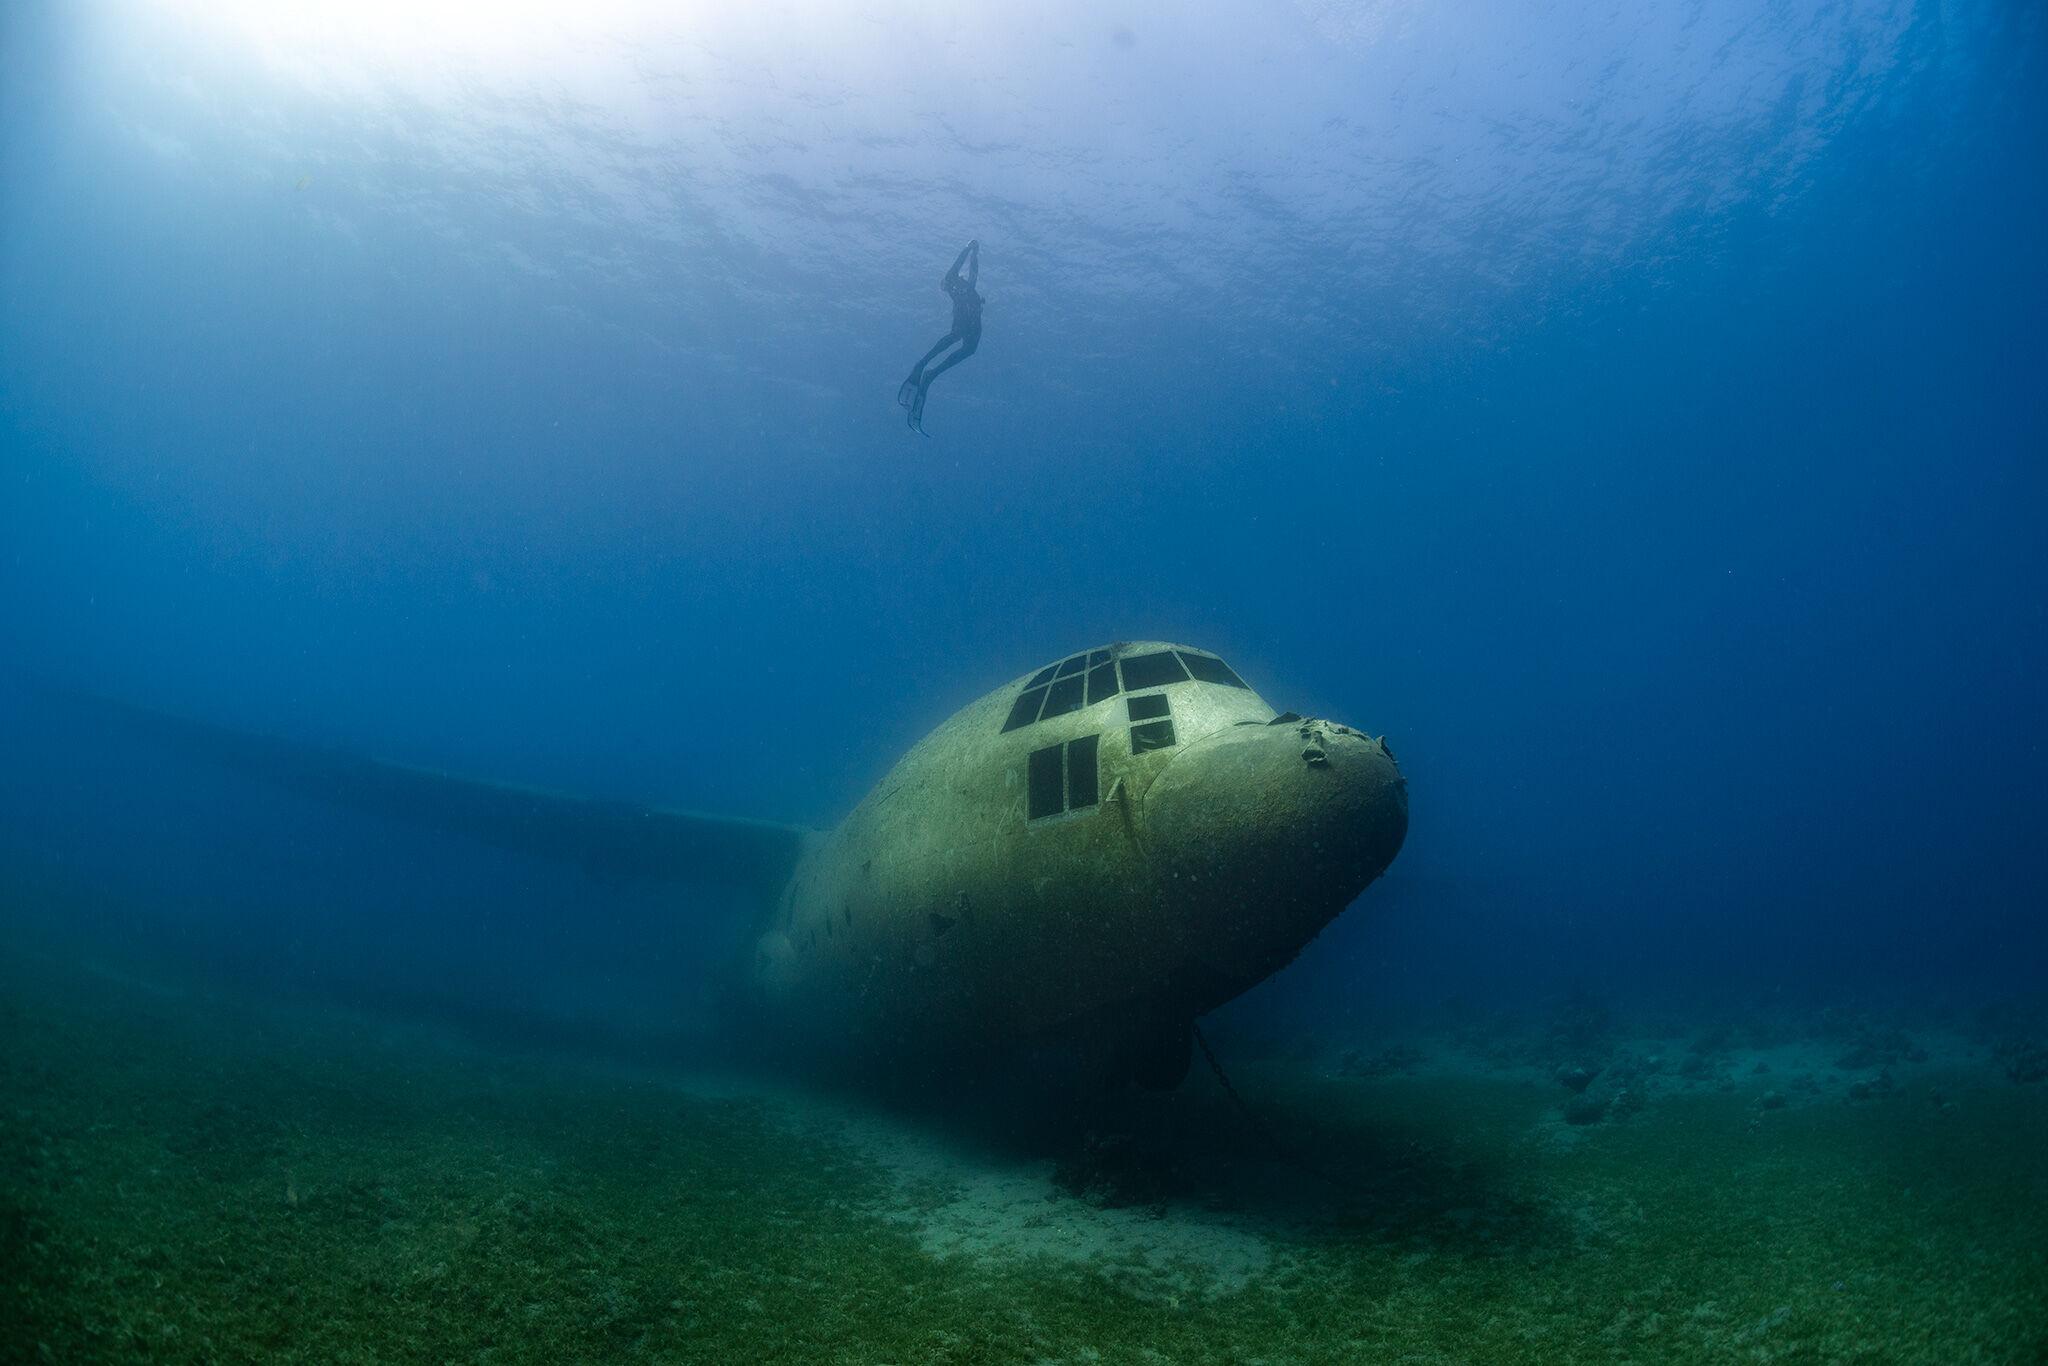 Hercules C-130 Akaba, Jordan.